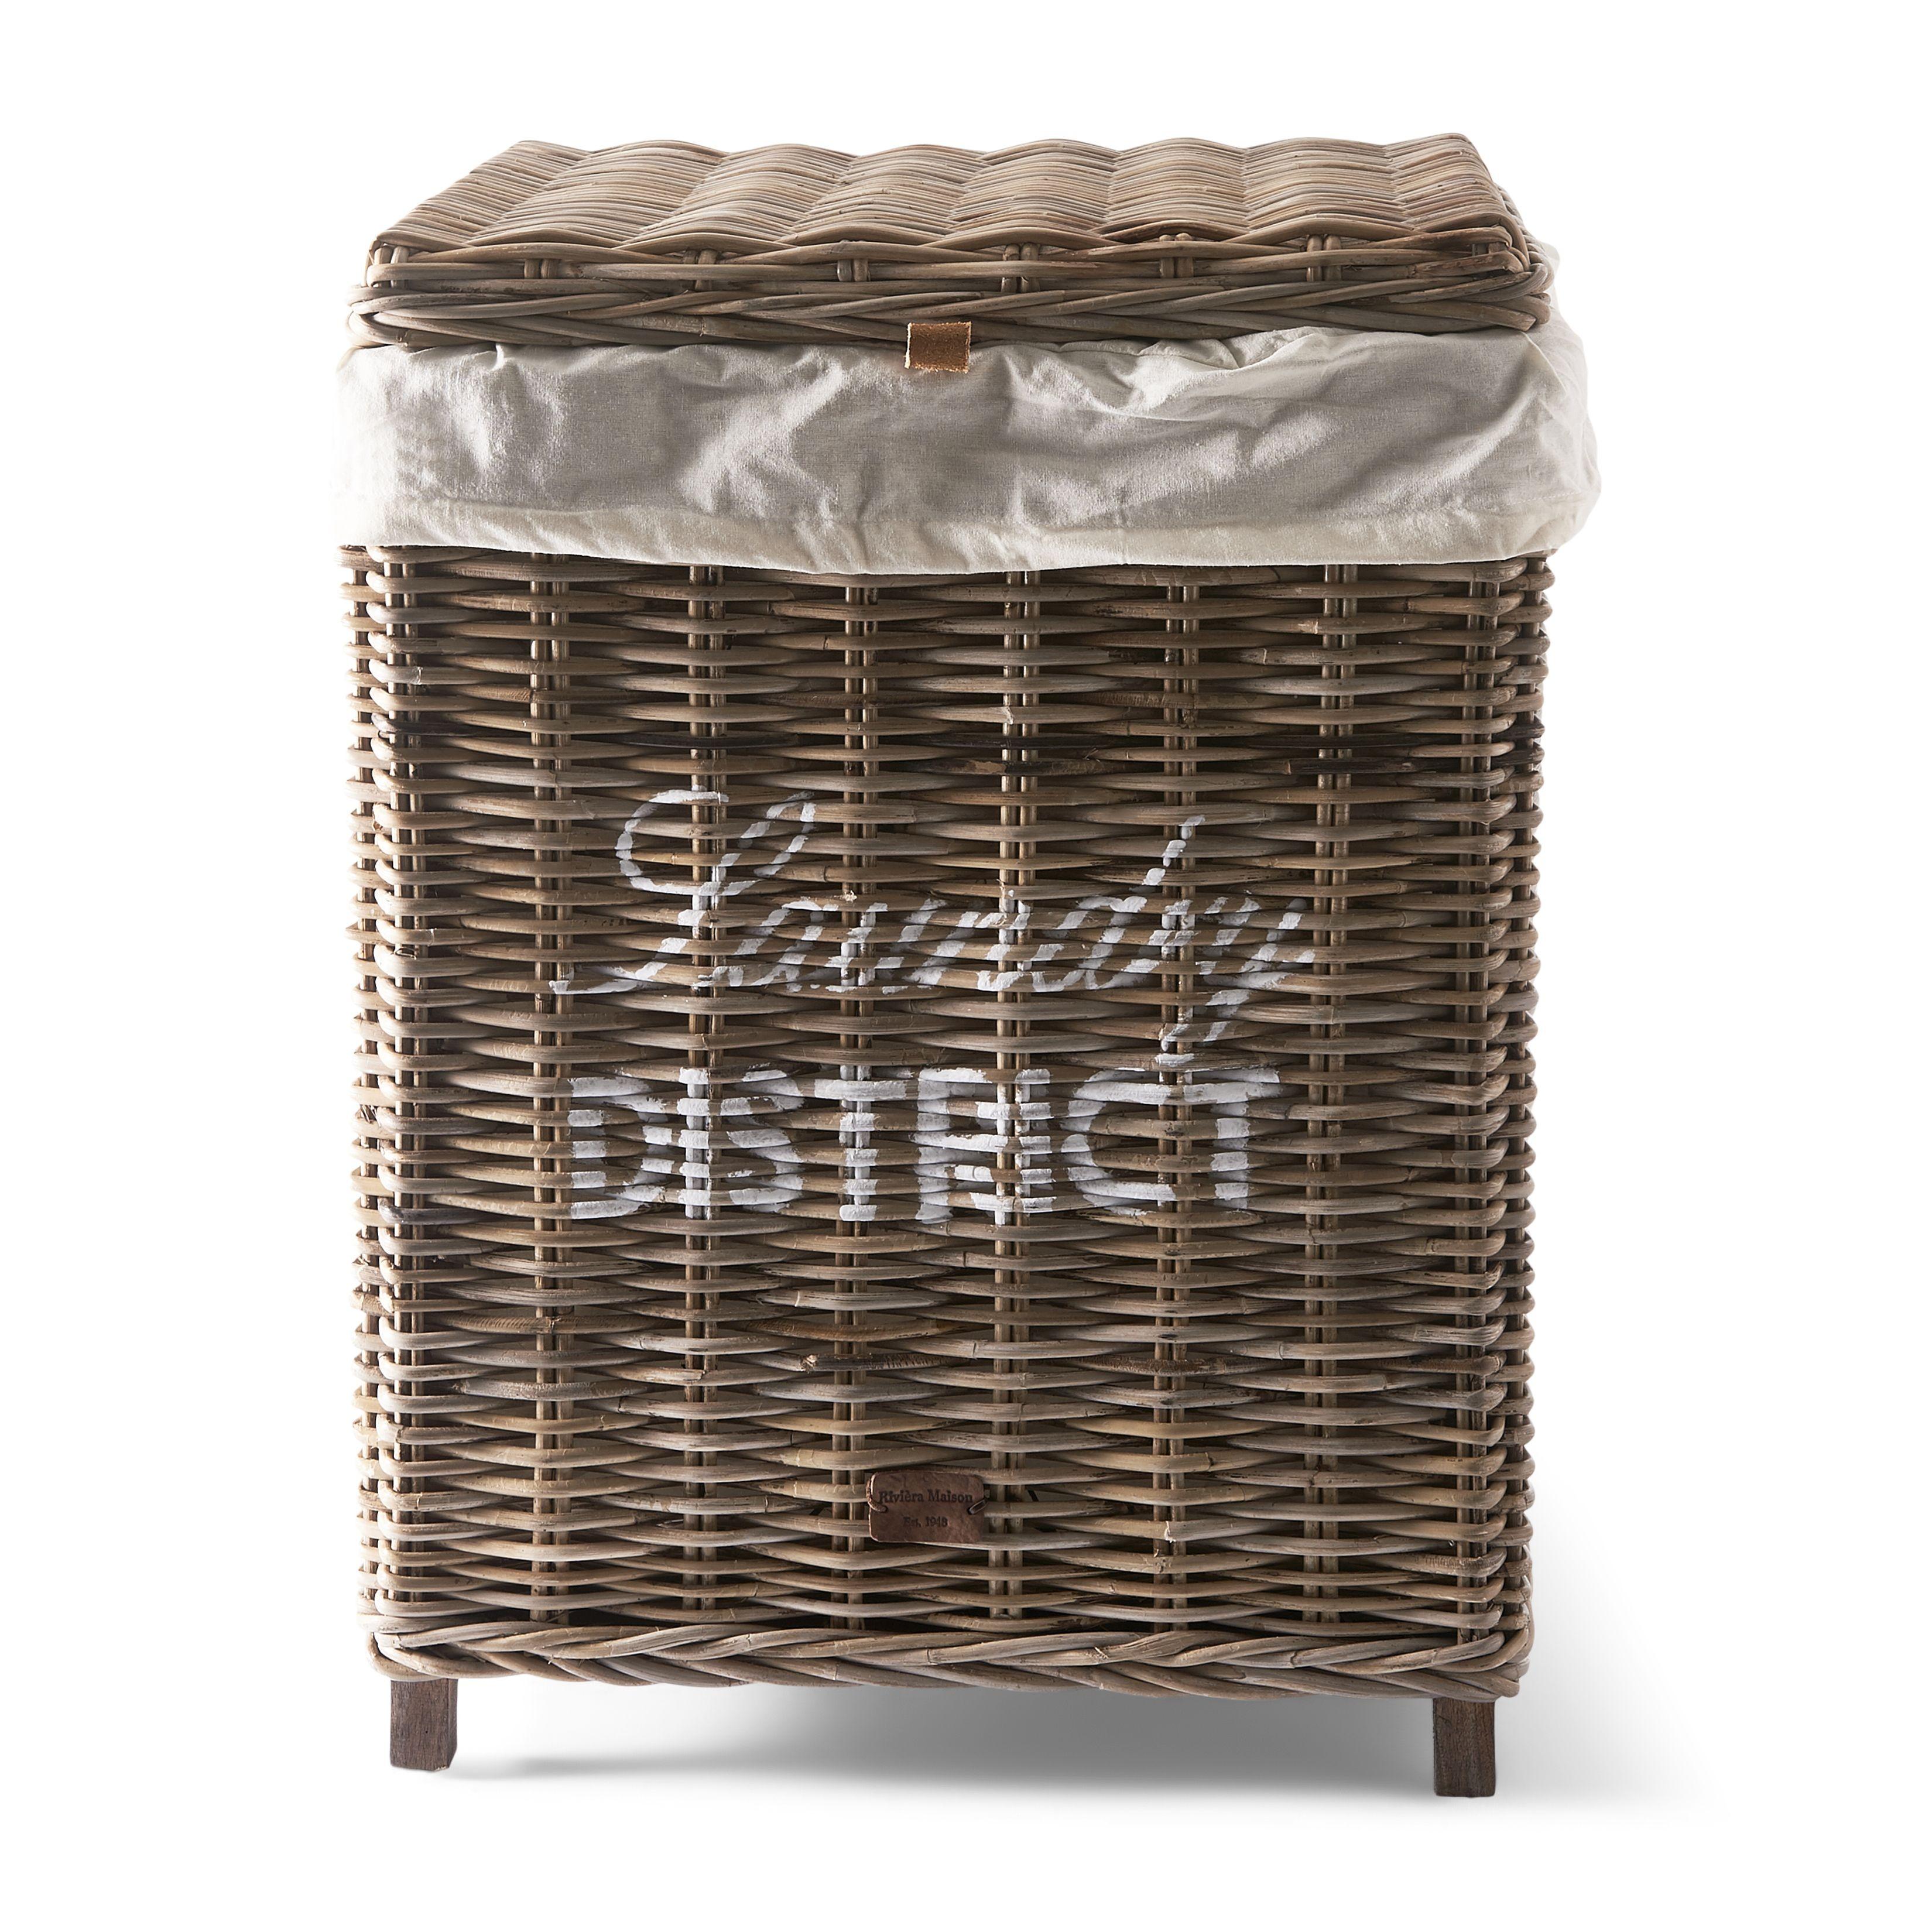 Rustic Rattan Laundry District Basket / Rivièra Maison